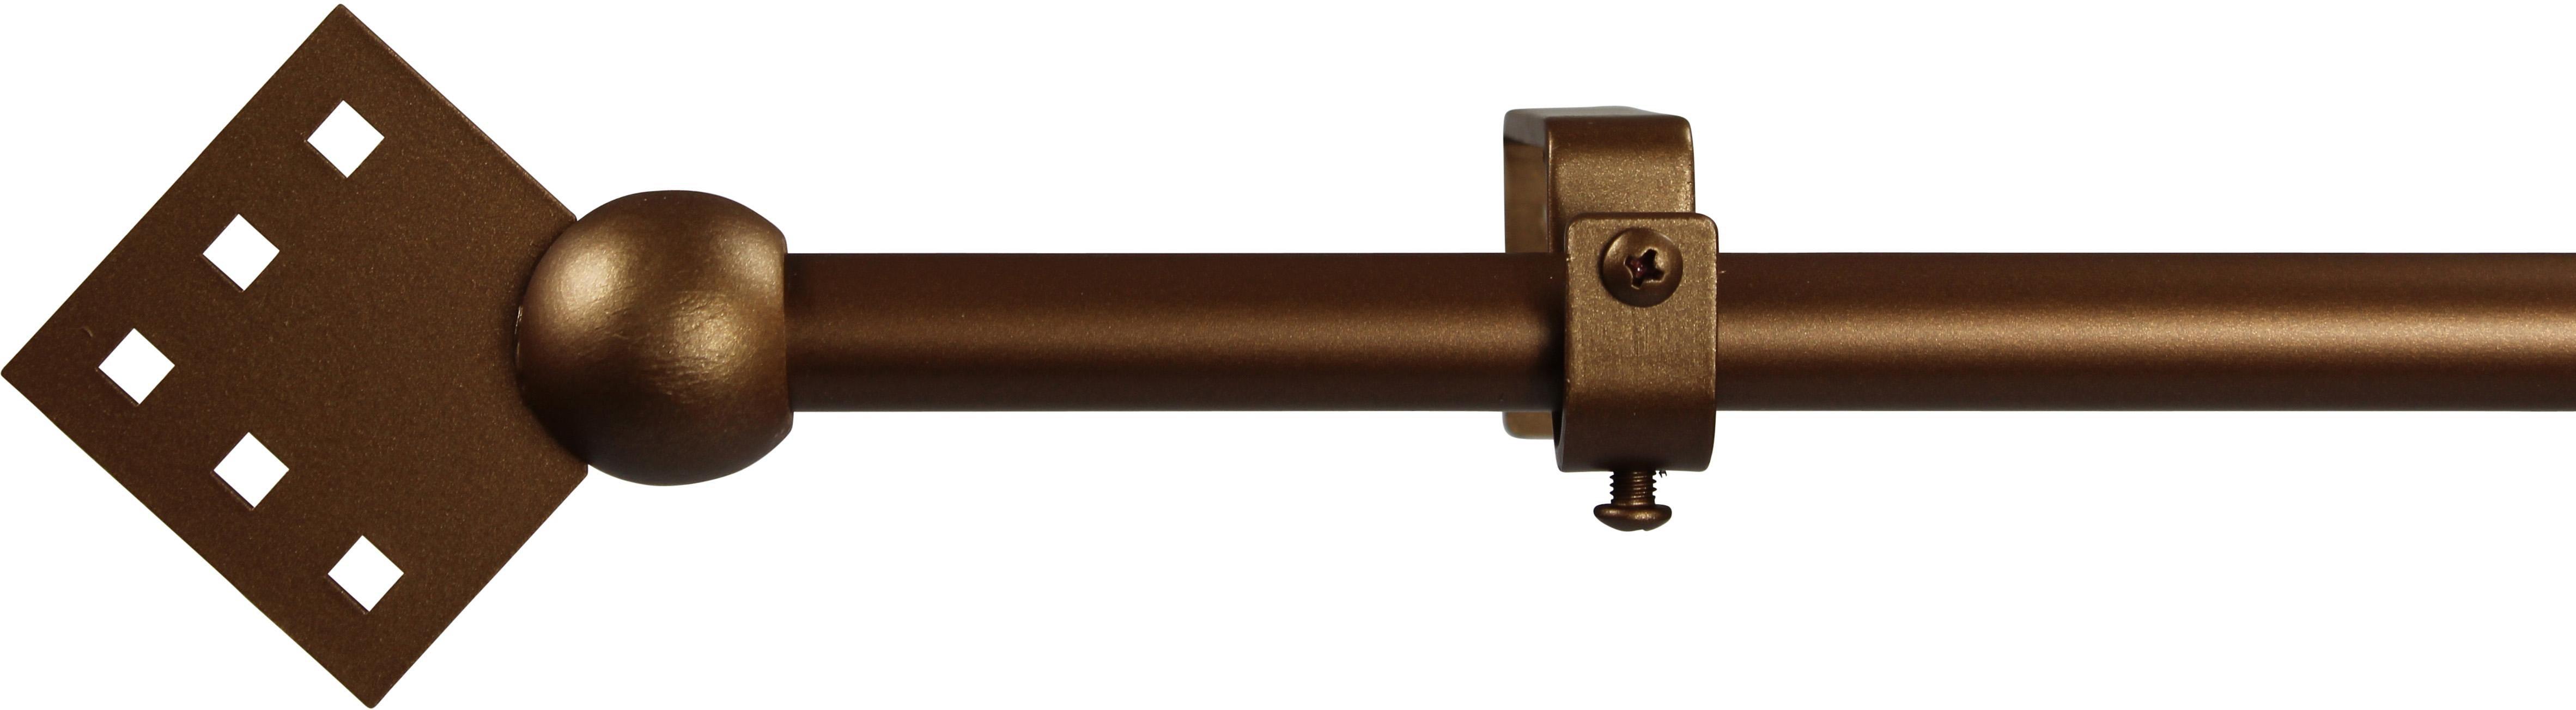 Gardinenstange 16 mm Quadro, ohne Ringe, nach Maß | Heimtextilien > Gardinen und Vorhänge > Gardinenstangen | GARESA